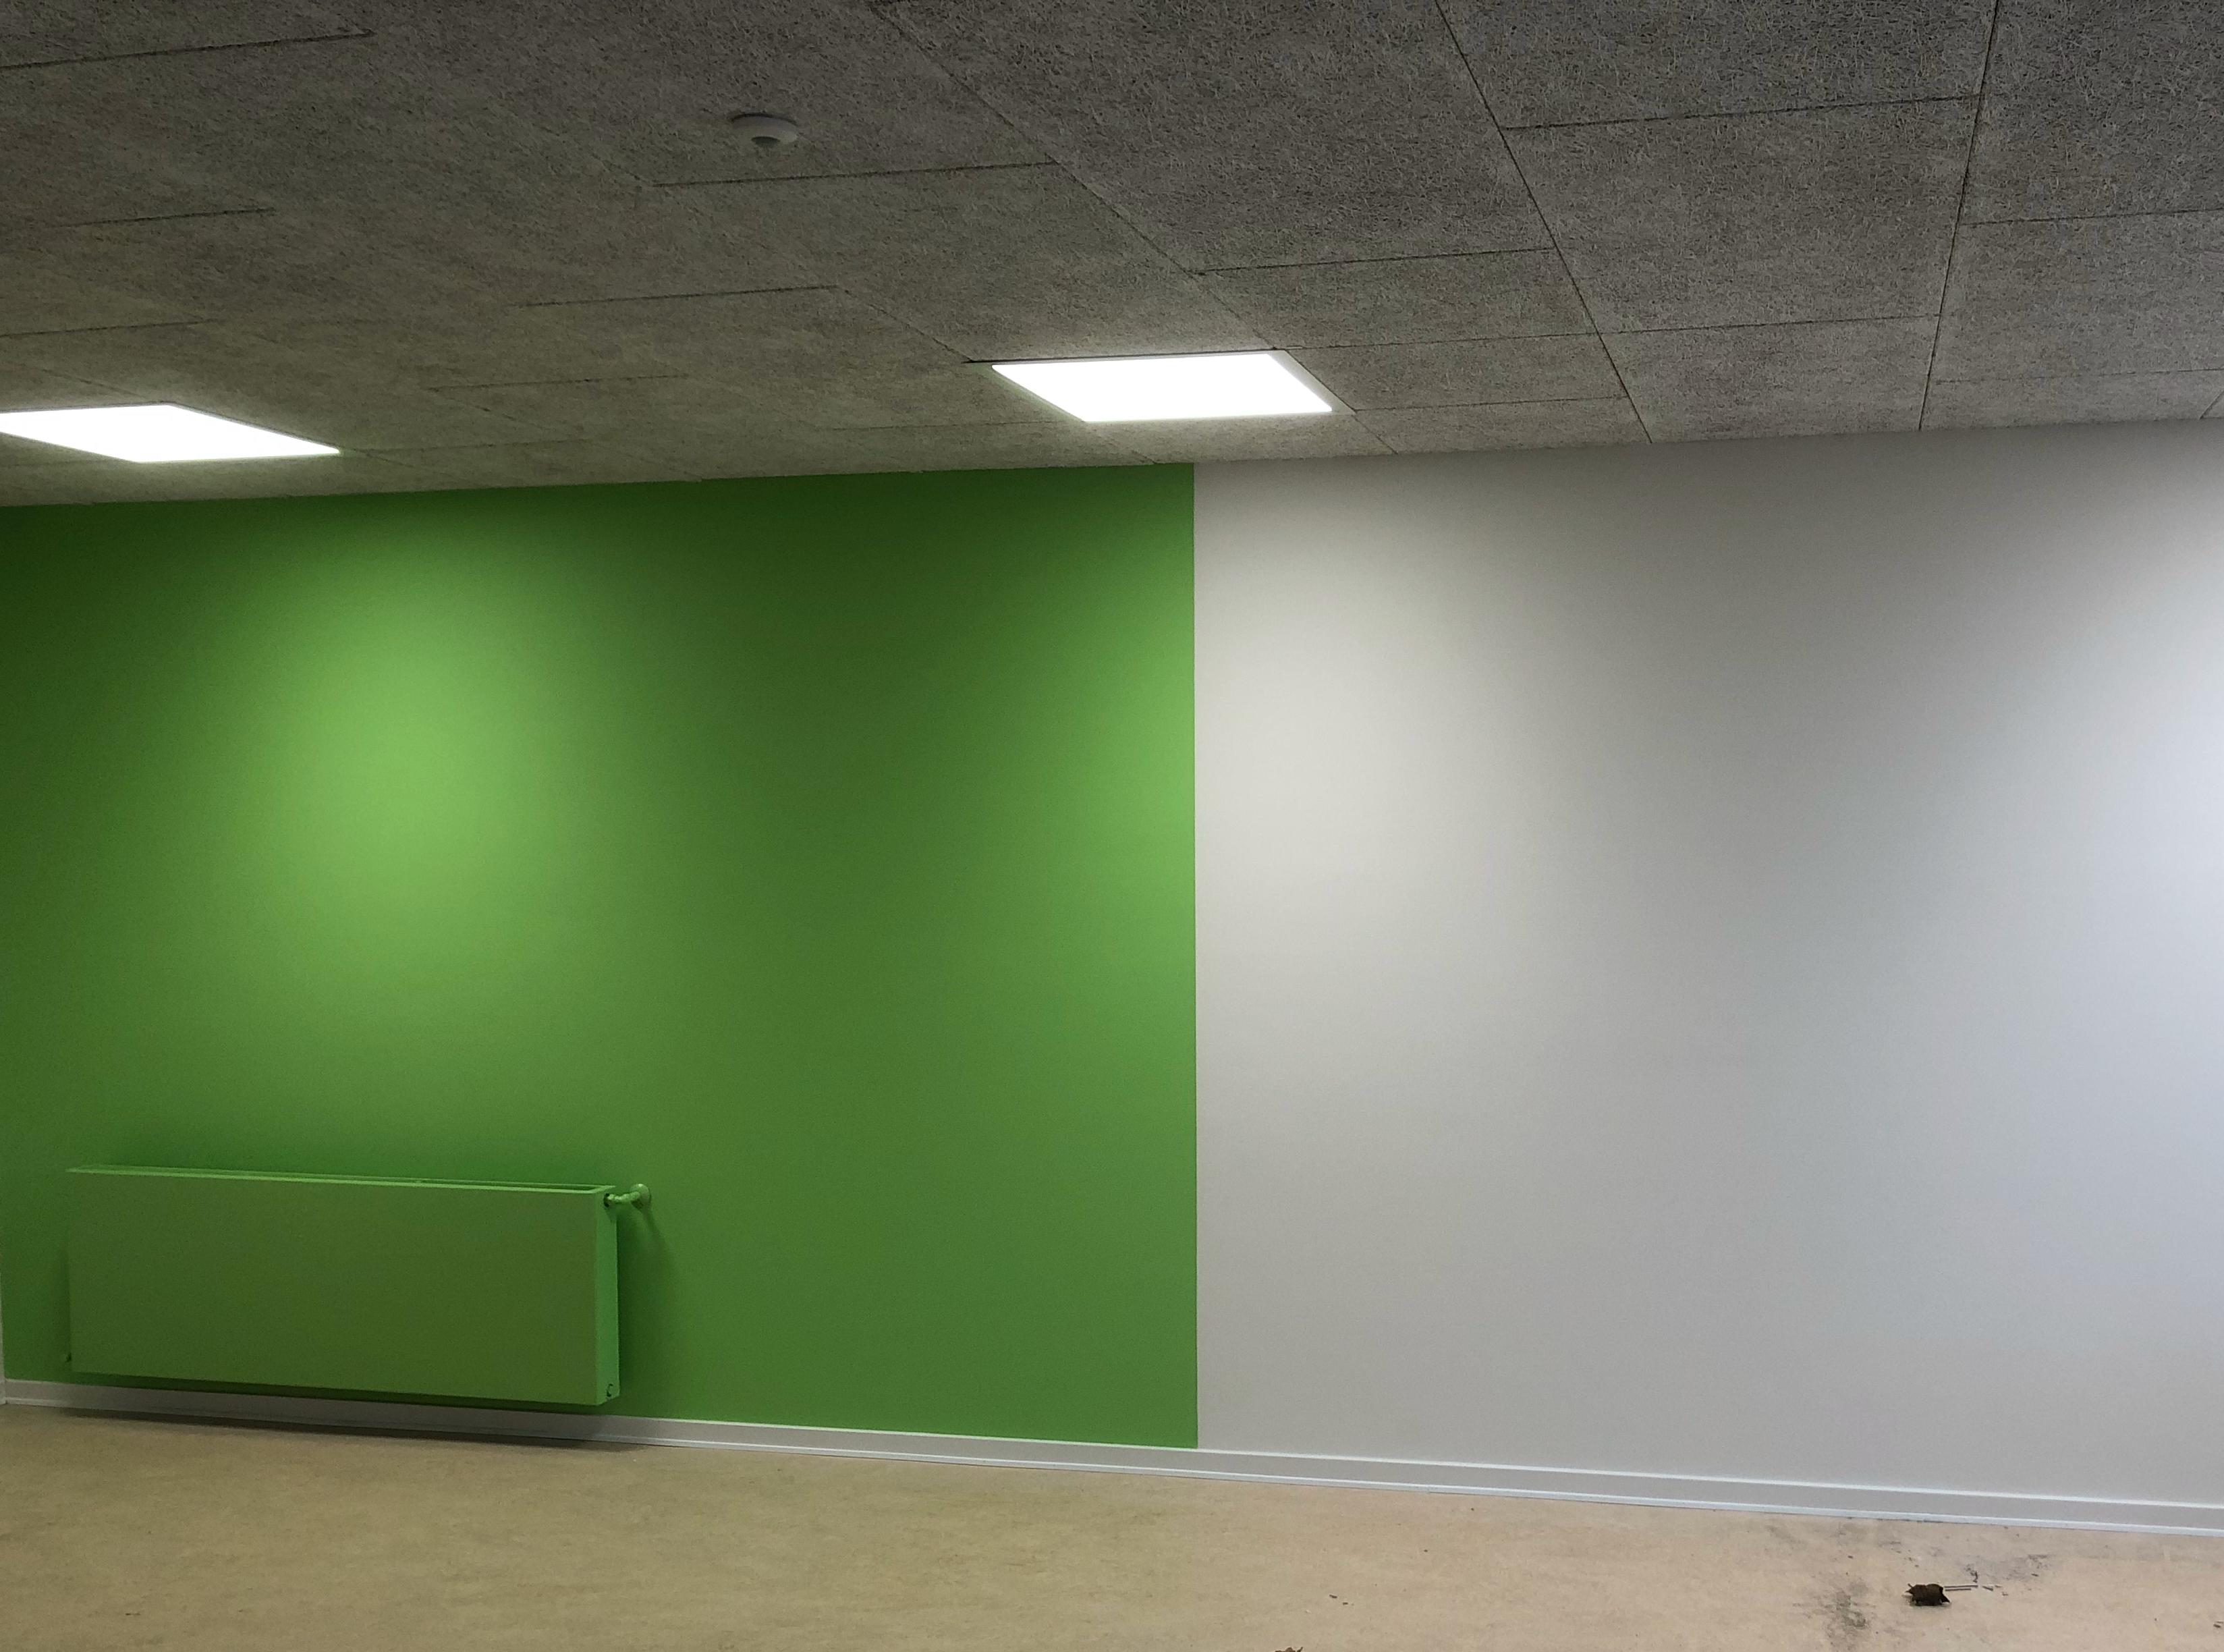 Nymalet grøn væg på skole